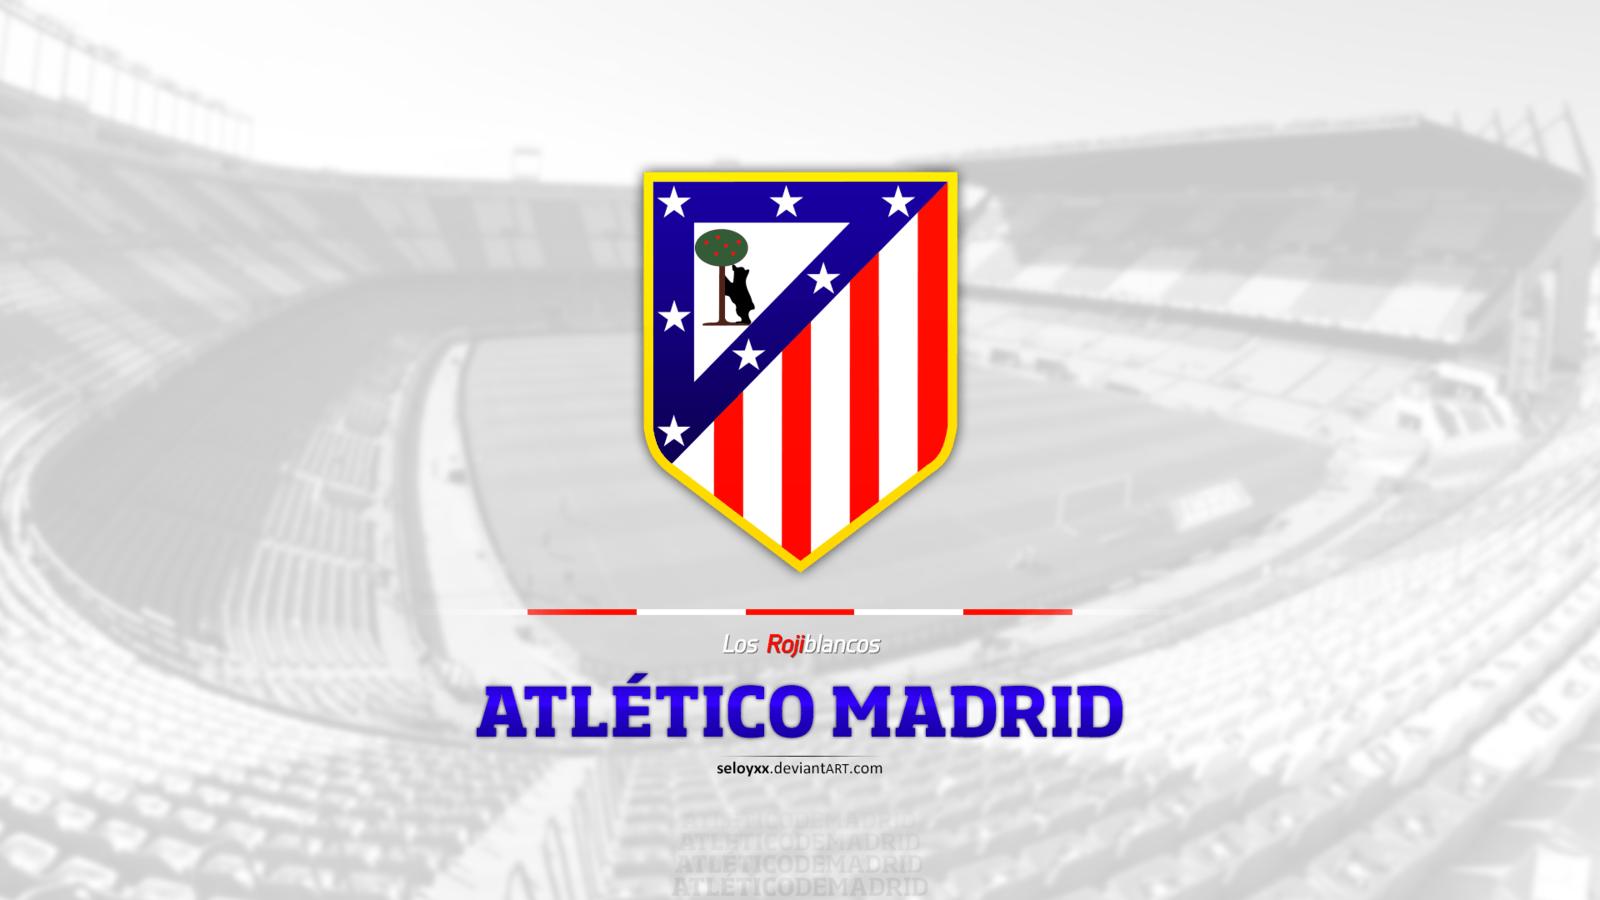 Atletico de Madrid - Los Rojiblancos by seloyxx on DeviantArt